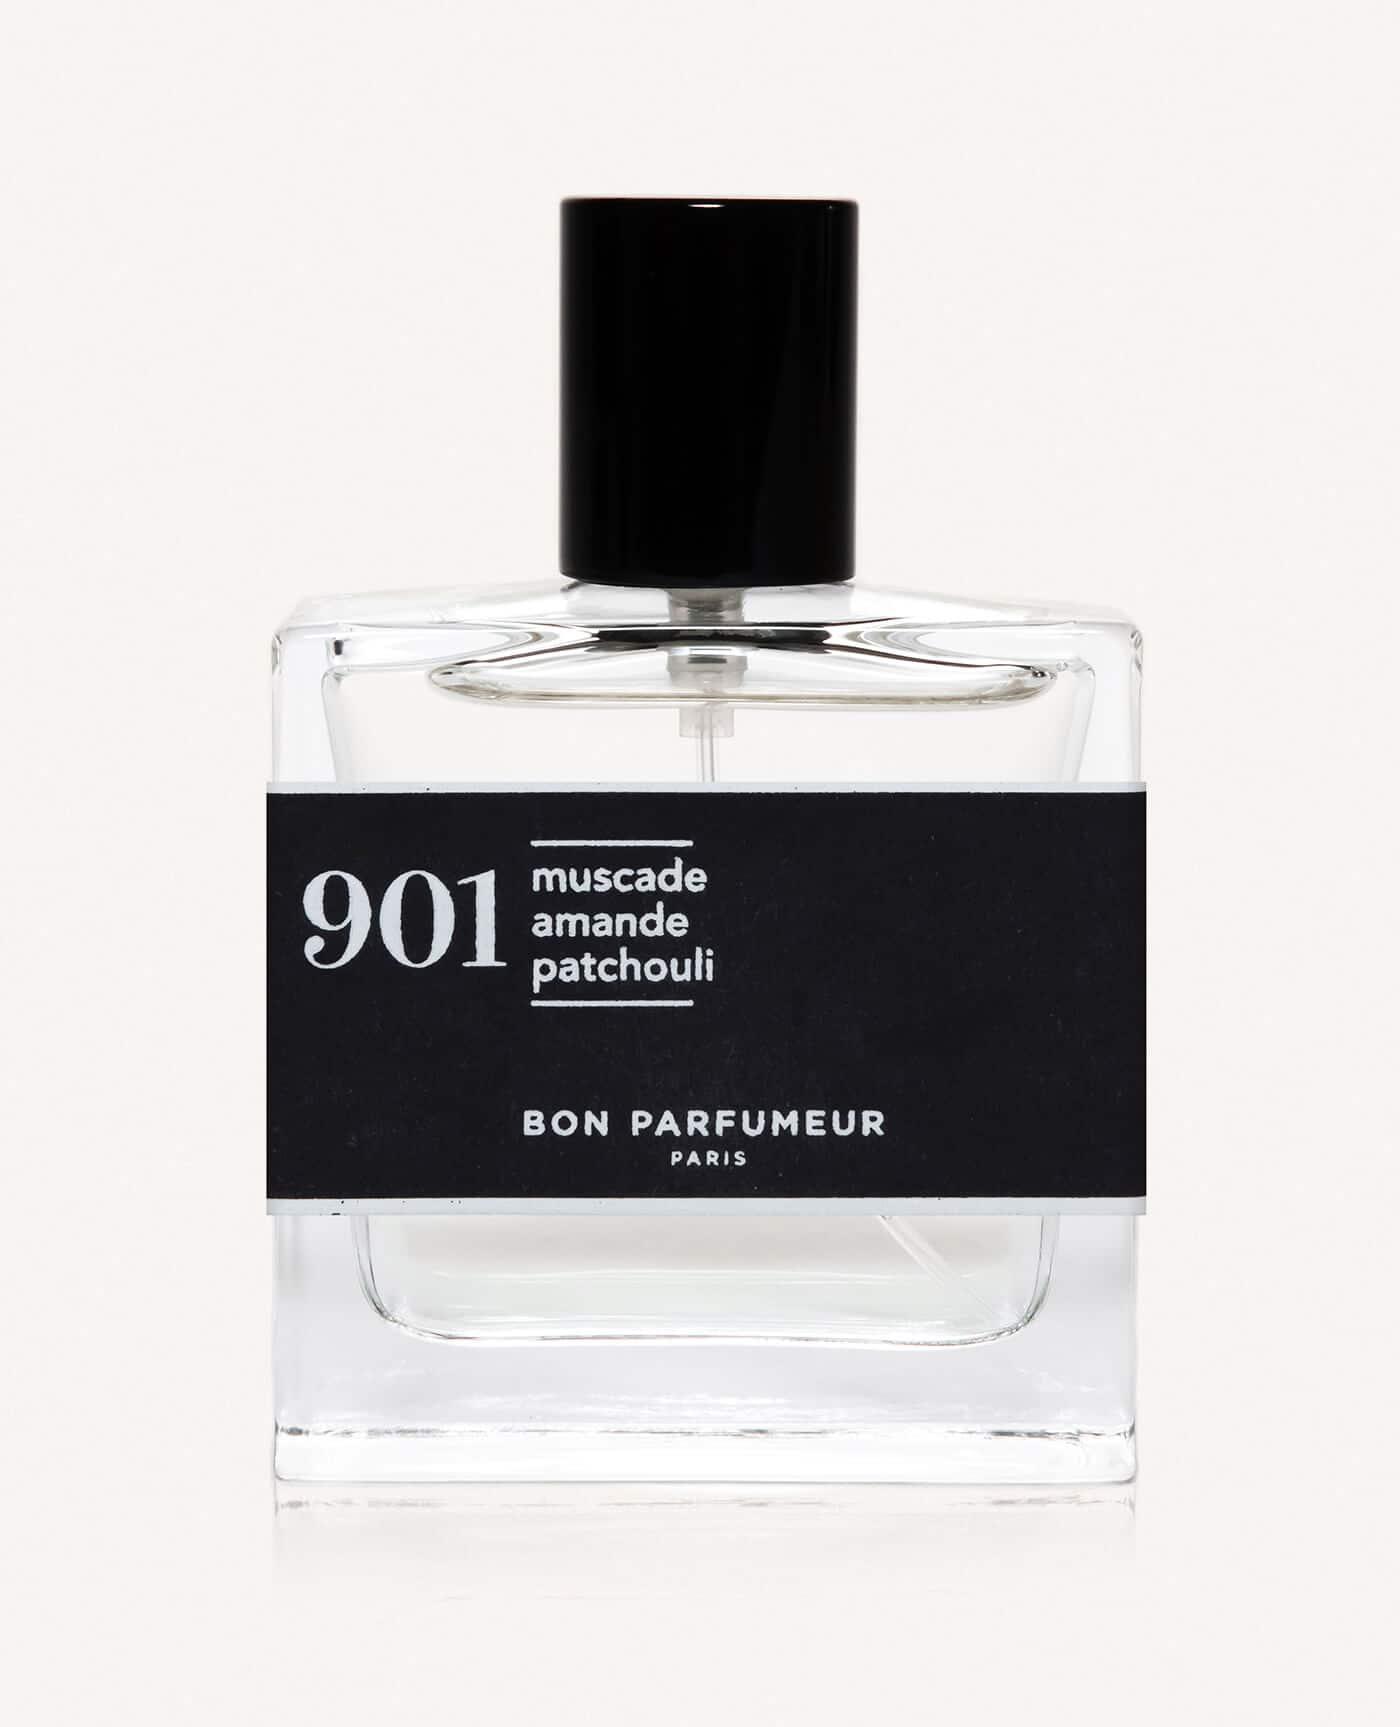 Eau de parfum made in france naturelle de la marque Bon Parfumeur 901 noix de muscade, amande et patchouli